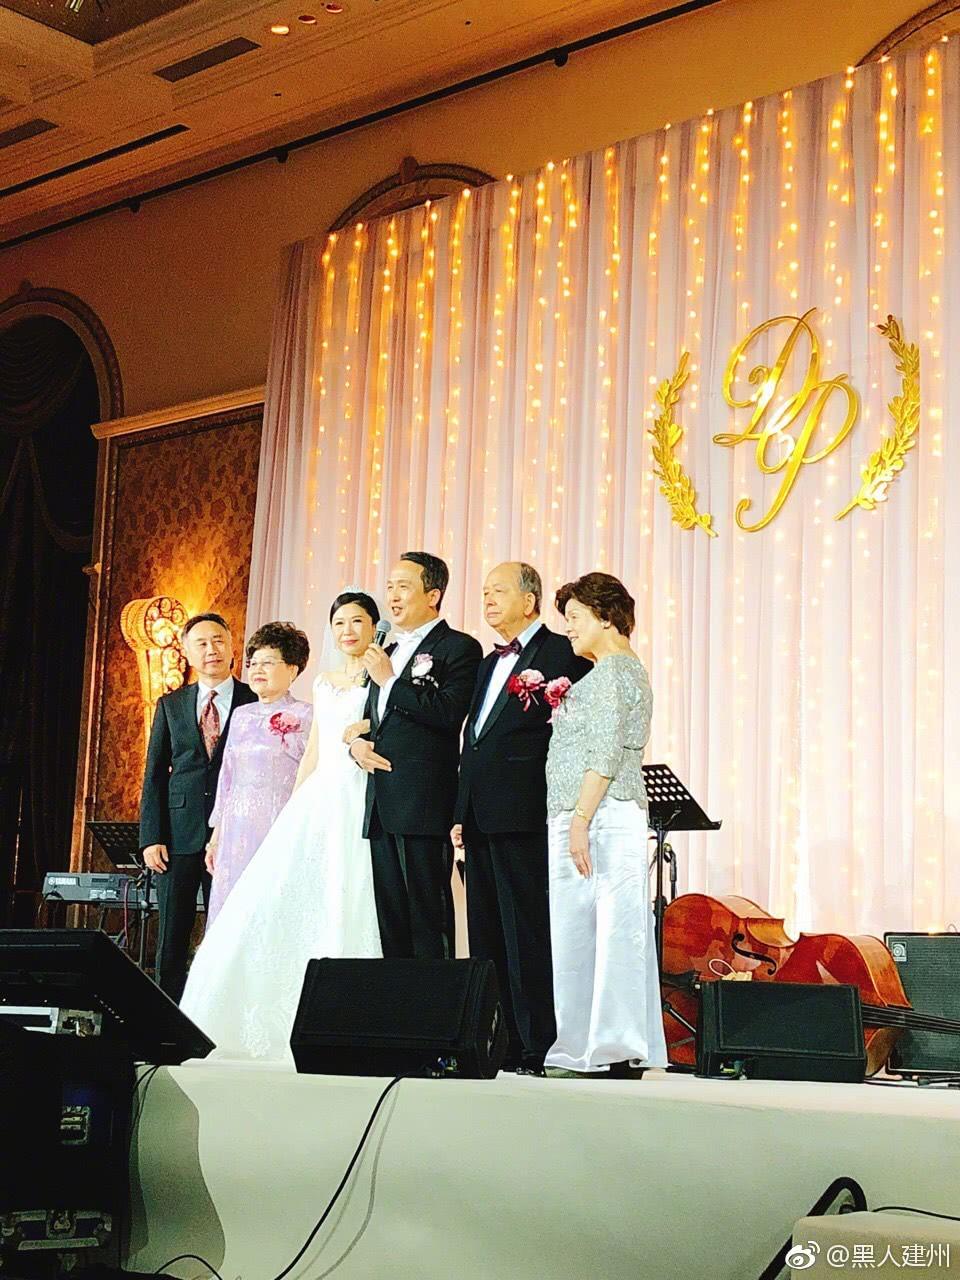 Đám cưới hoành tráng mời nửa showbiz Đài: Cô dâu năm nay đã 54 tuổi - Ảnh 7.